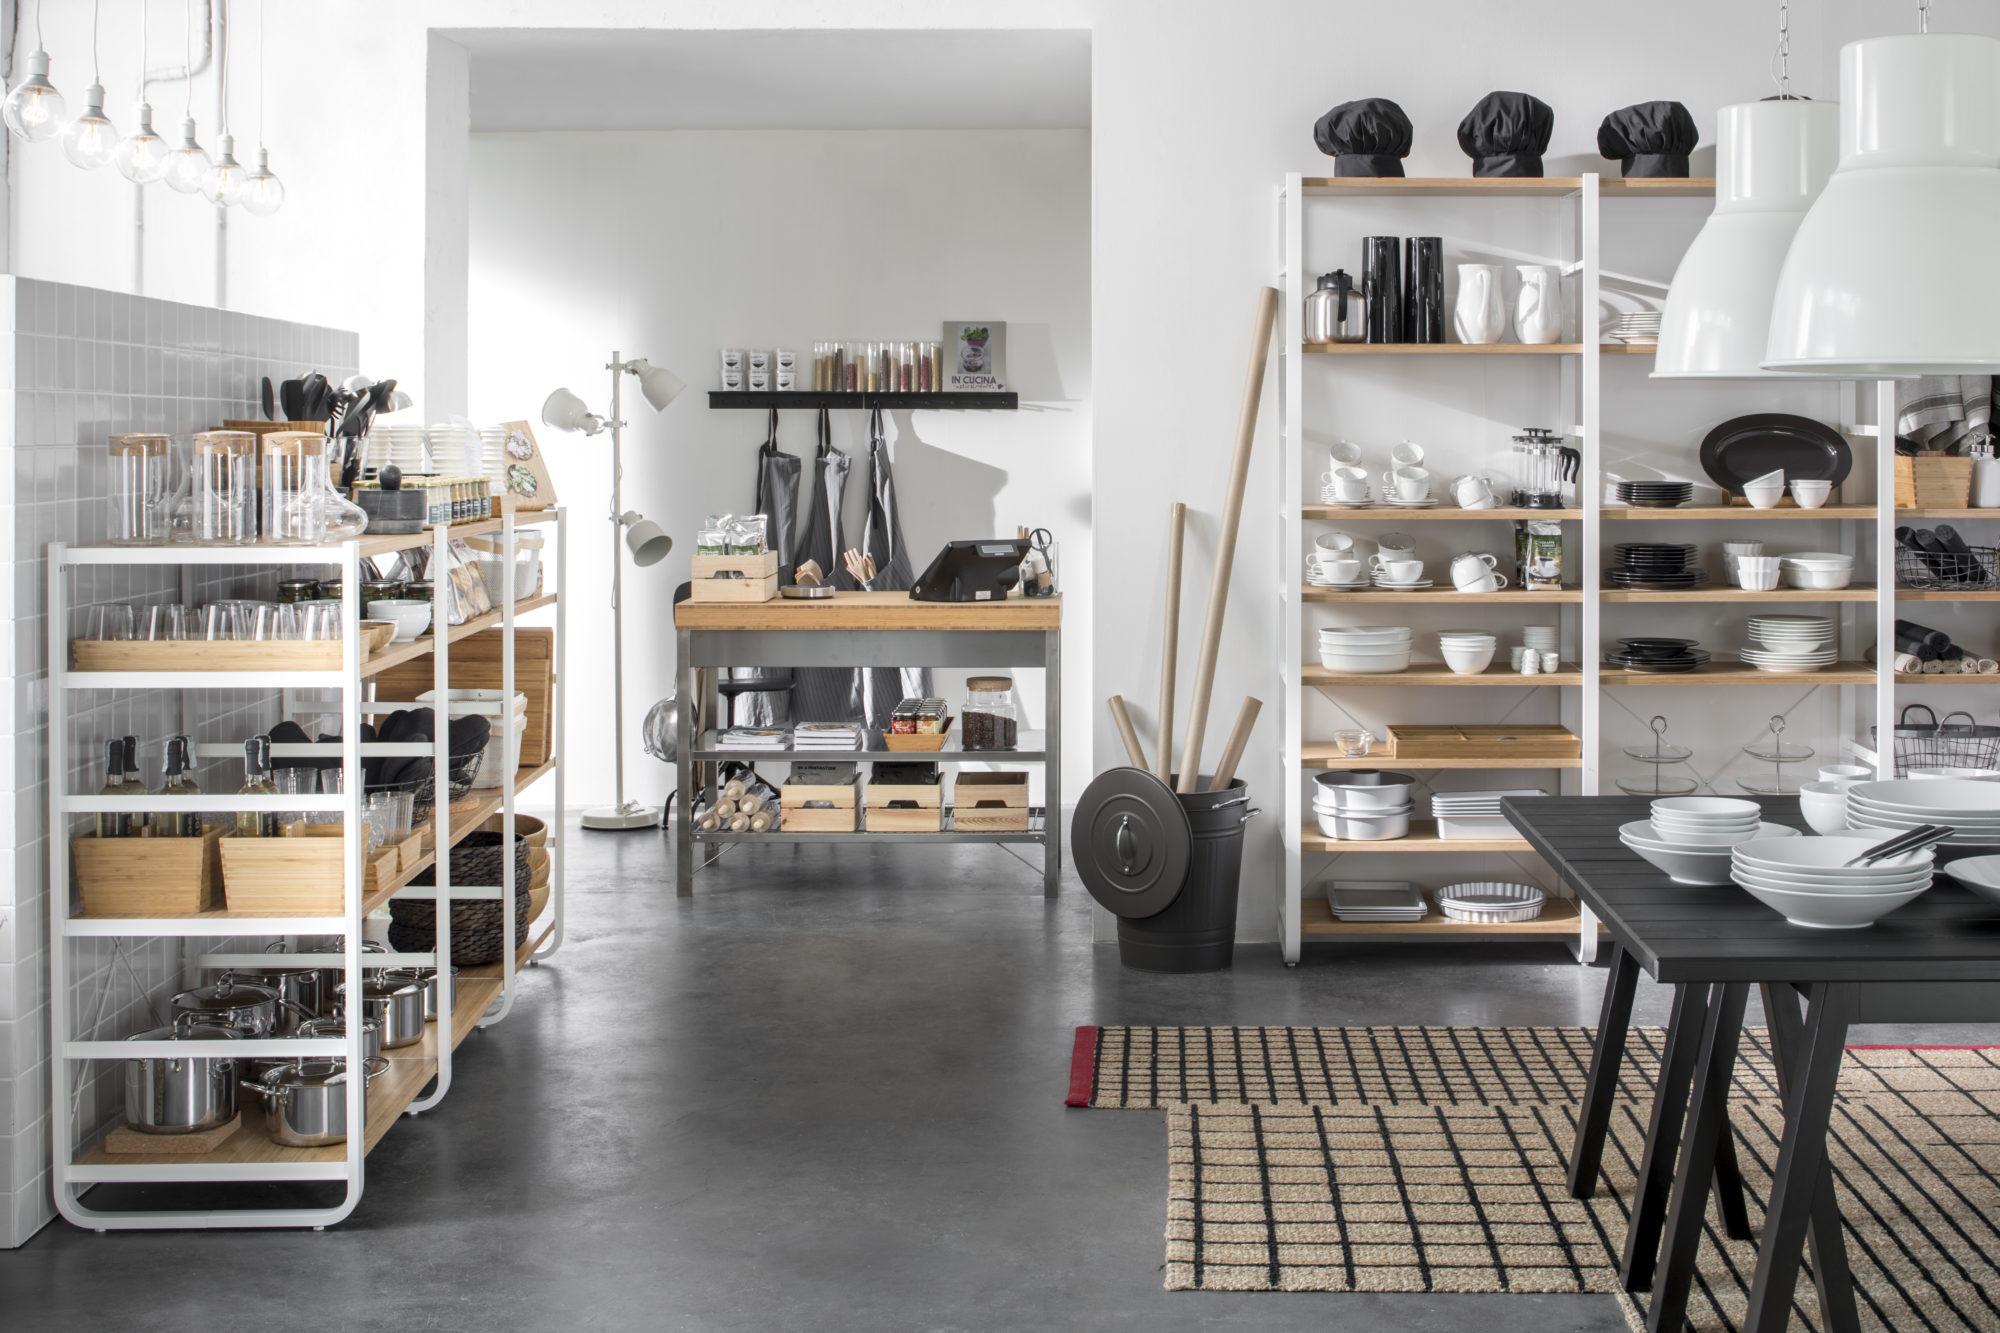 Elvarli: Negozio utensili per cucina - Fotografo Brescia Ottavio ...